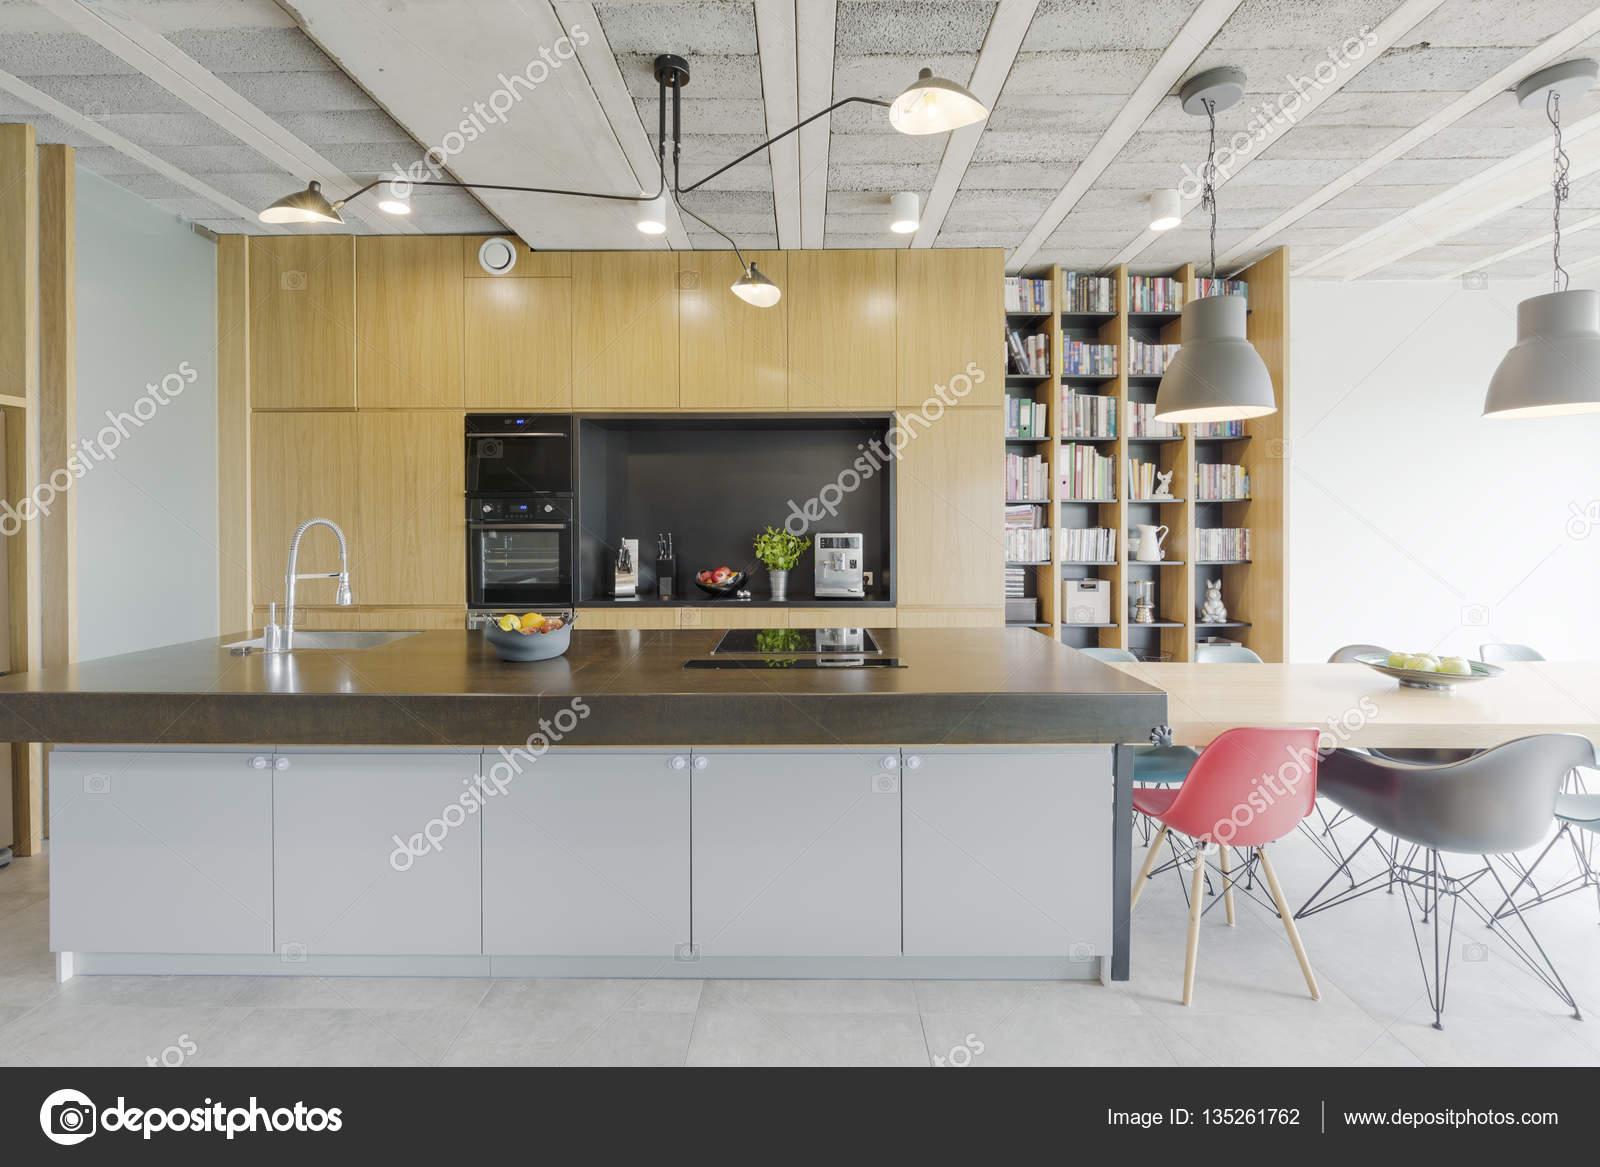 Przestronna Kuchnia Nowoczesna Zdjęcie Stockowe